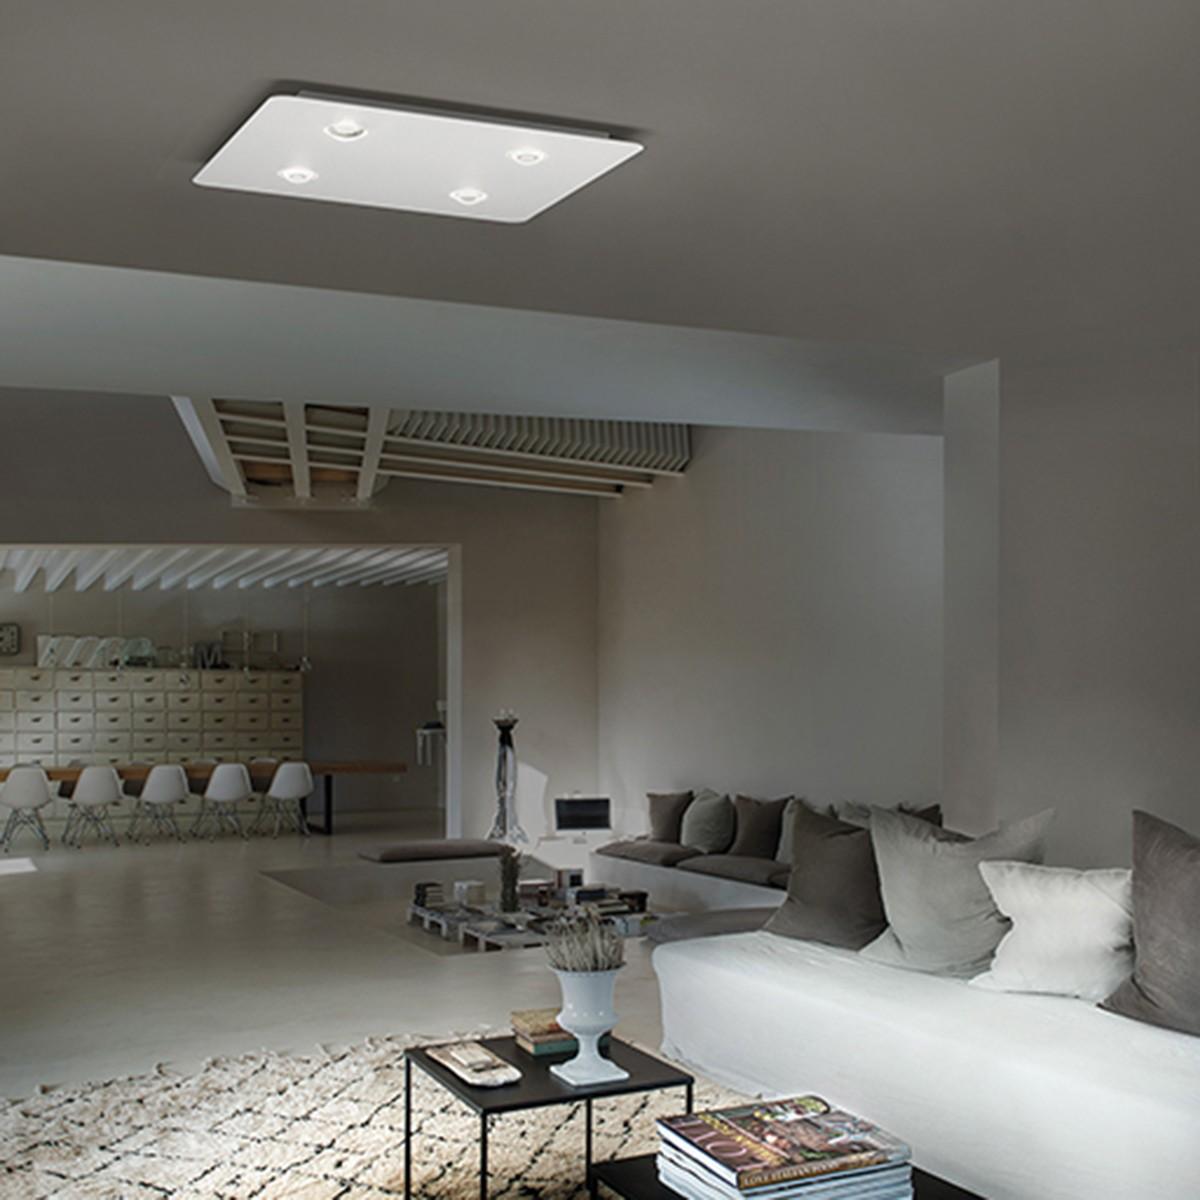 Studio Italia Design Frozen Large Deckenleuchte, weiß matt, 2700 °K